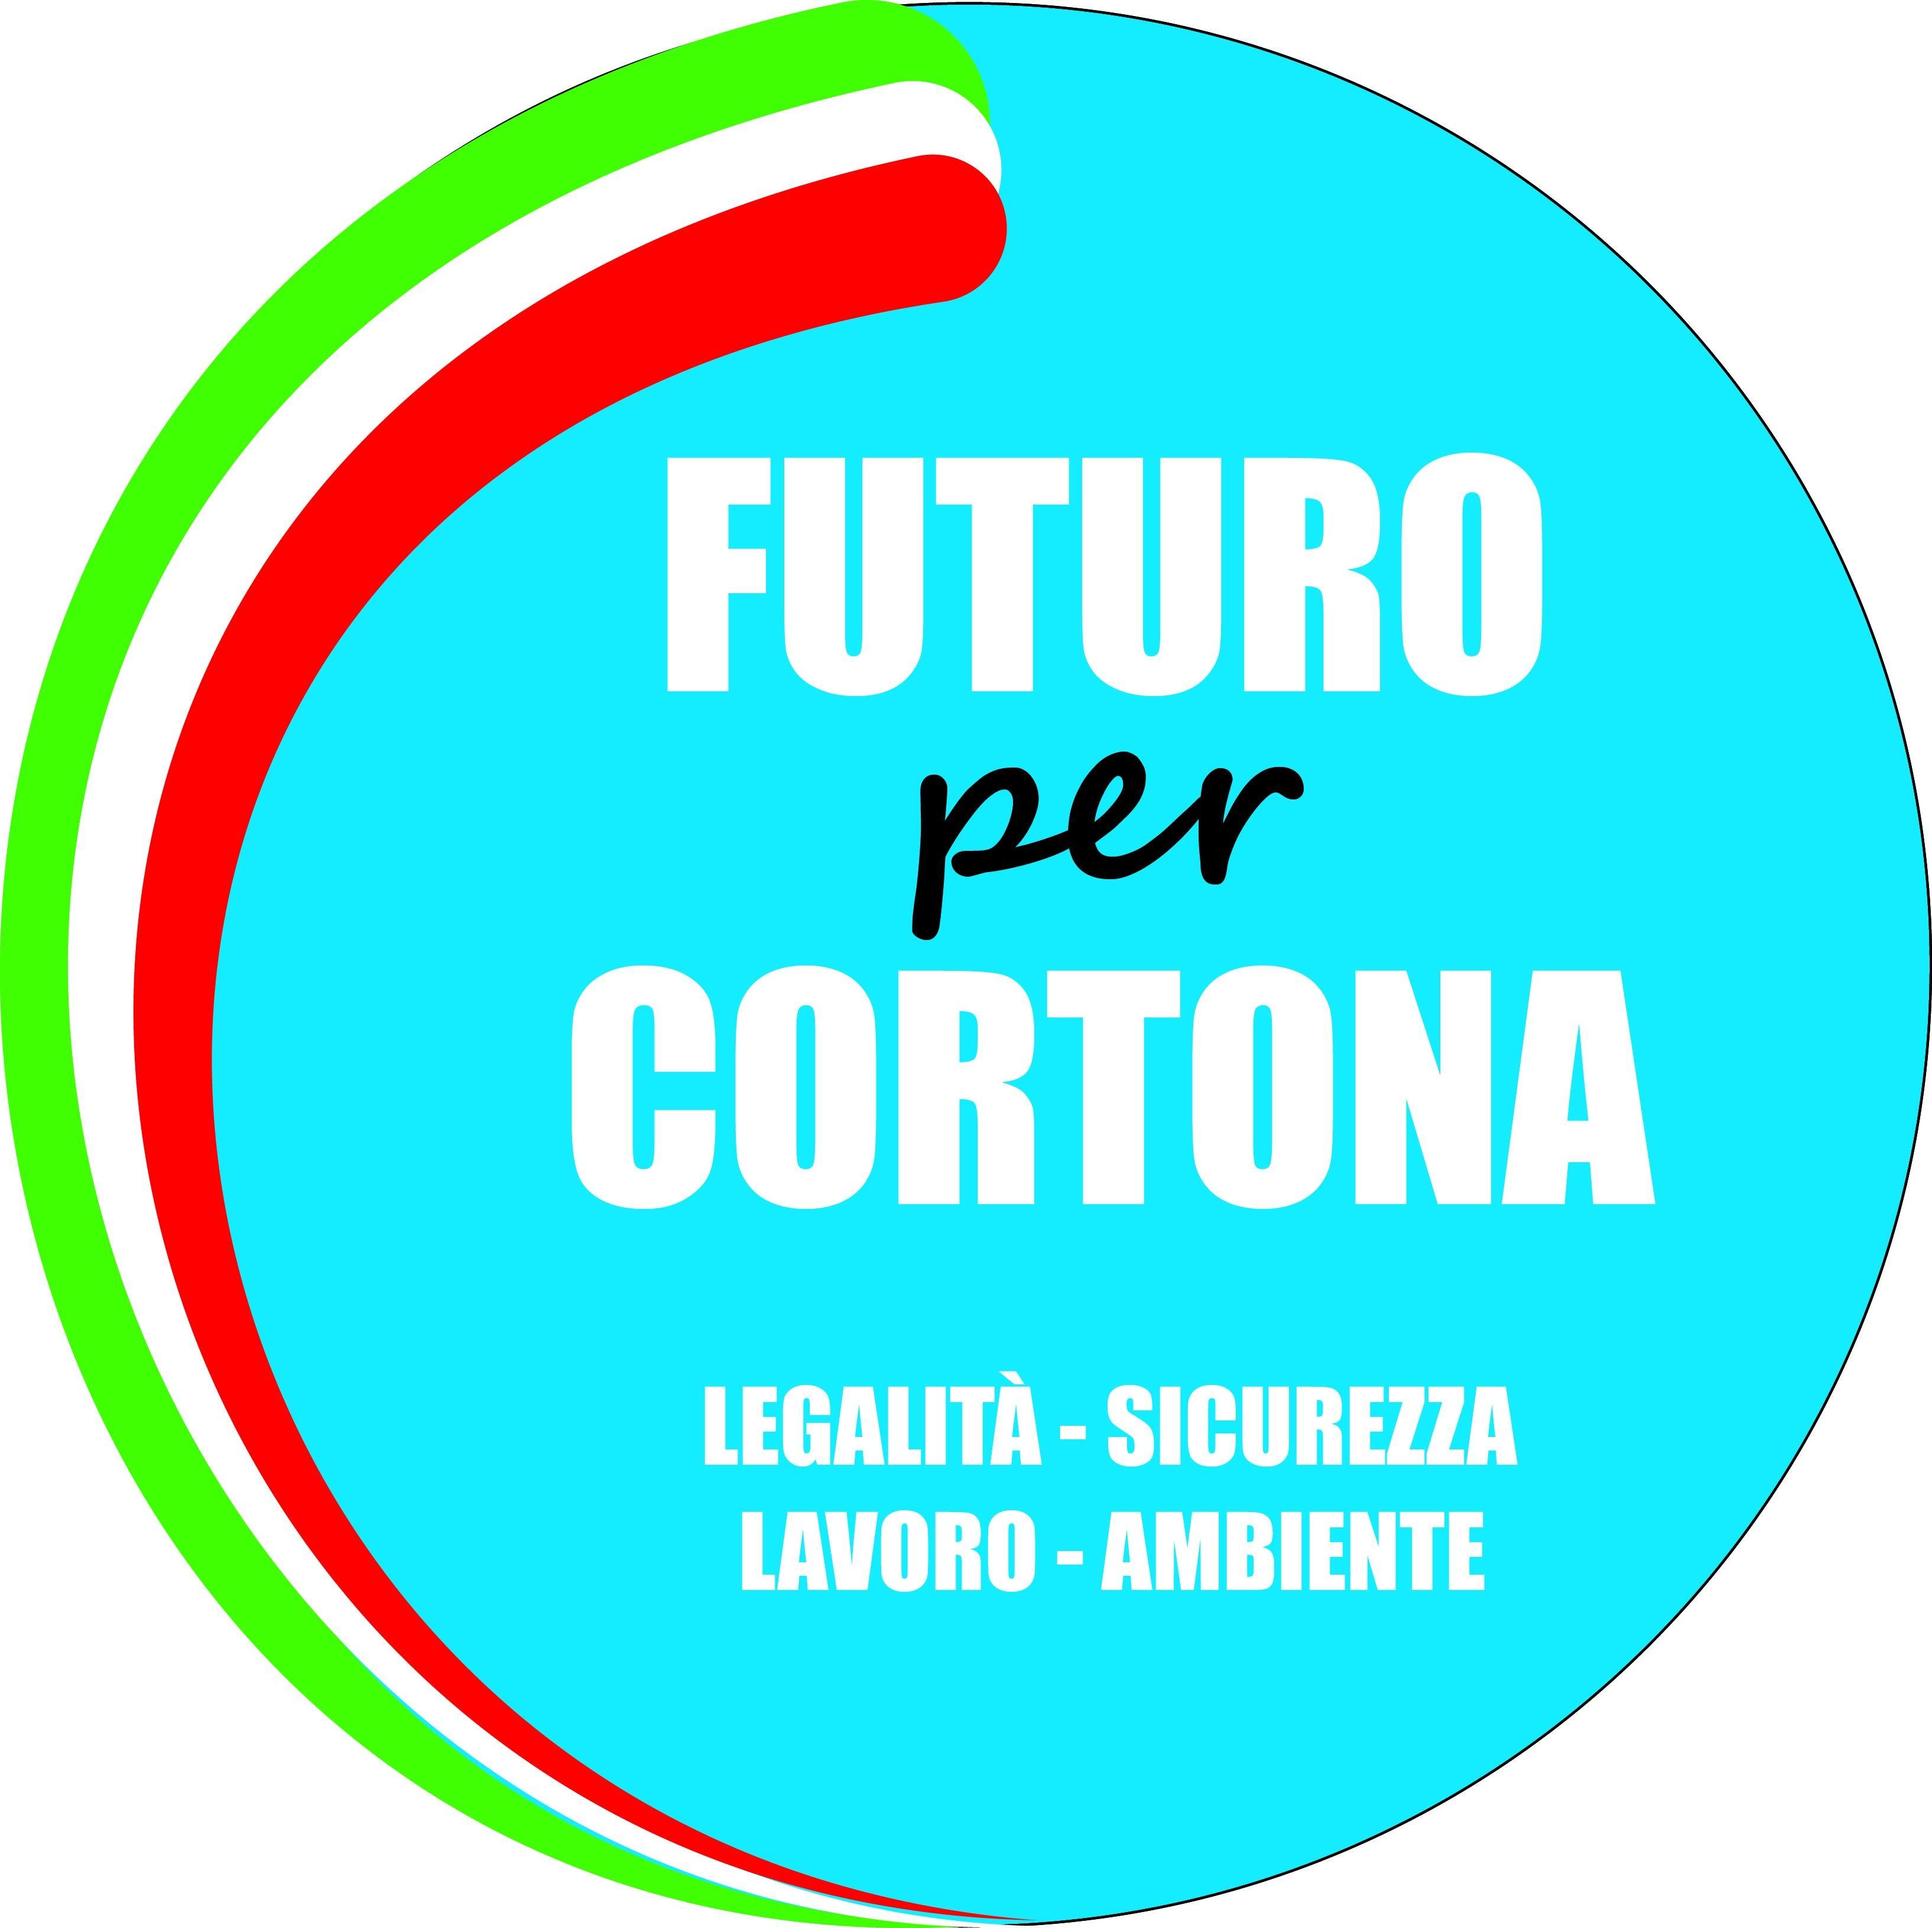 Futuro per Cortona sull'ultimo Consiglio Comunale cortonese e l'approvazione del bilancio